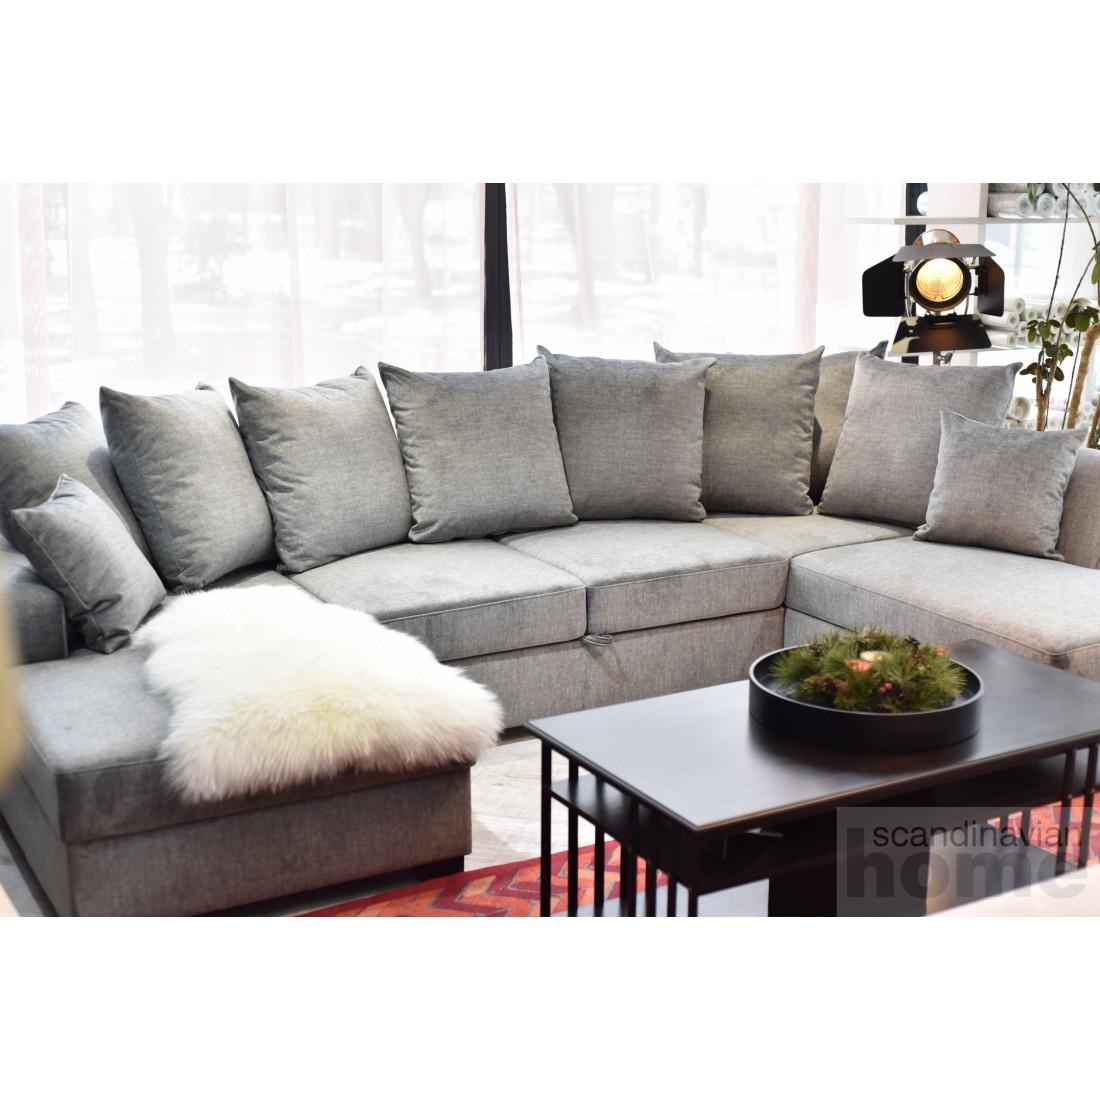 Denver modular folding sofa